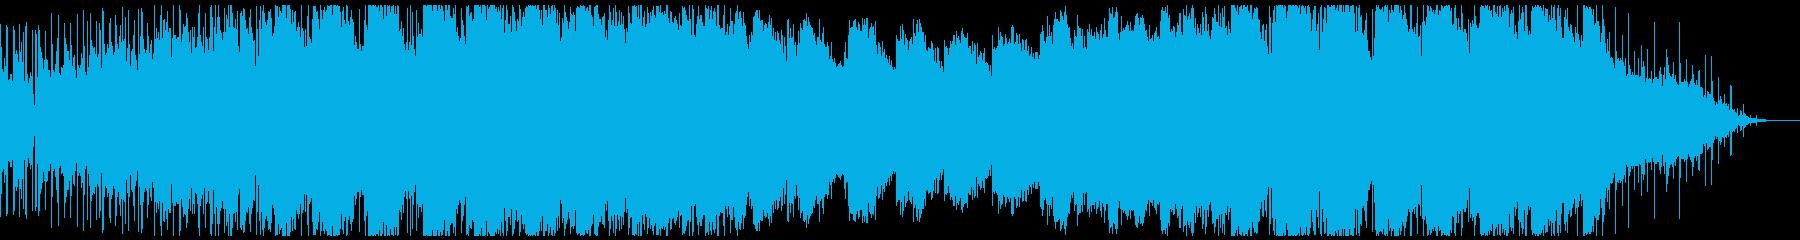 恐怖演出用インダストリアルBGMの再生済みの波形